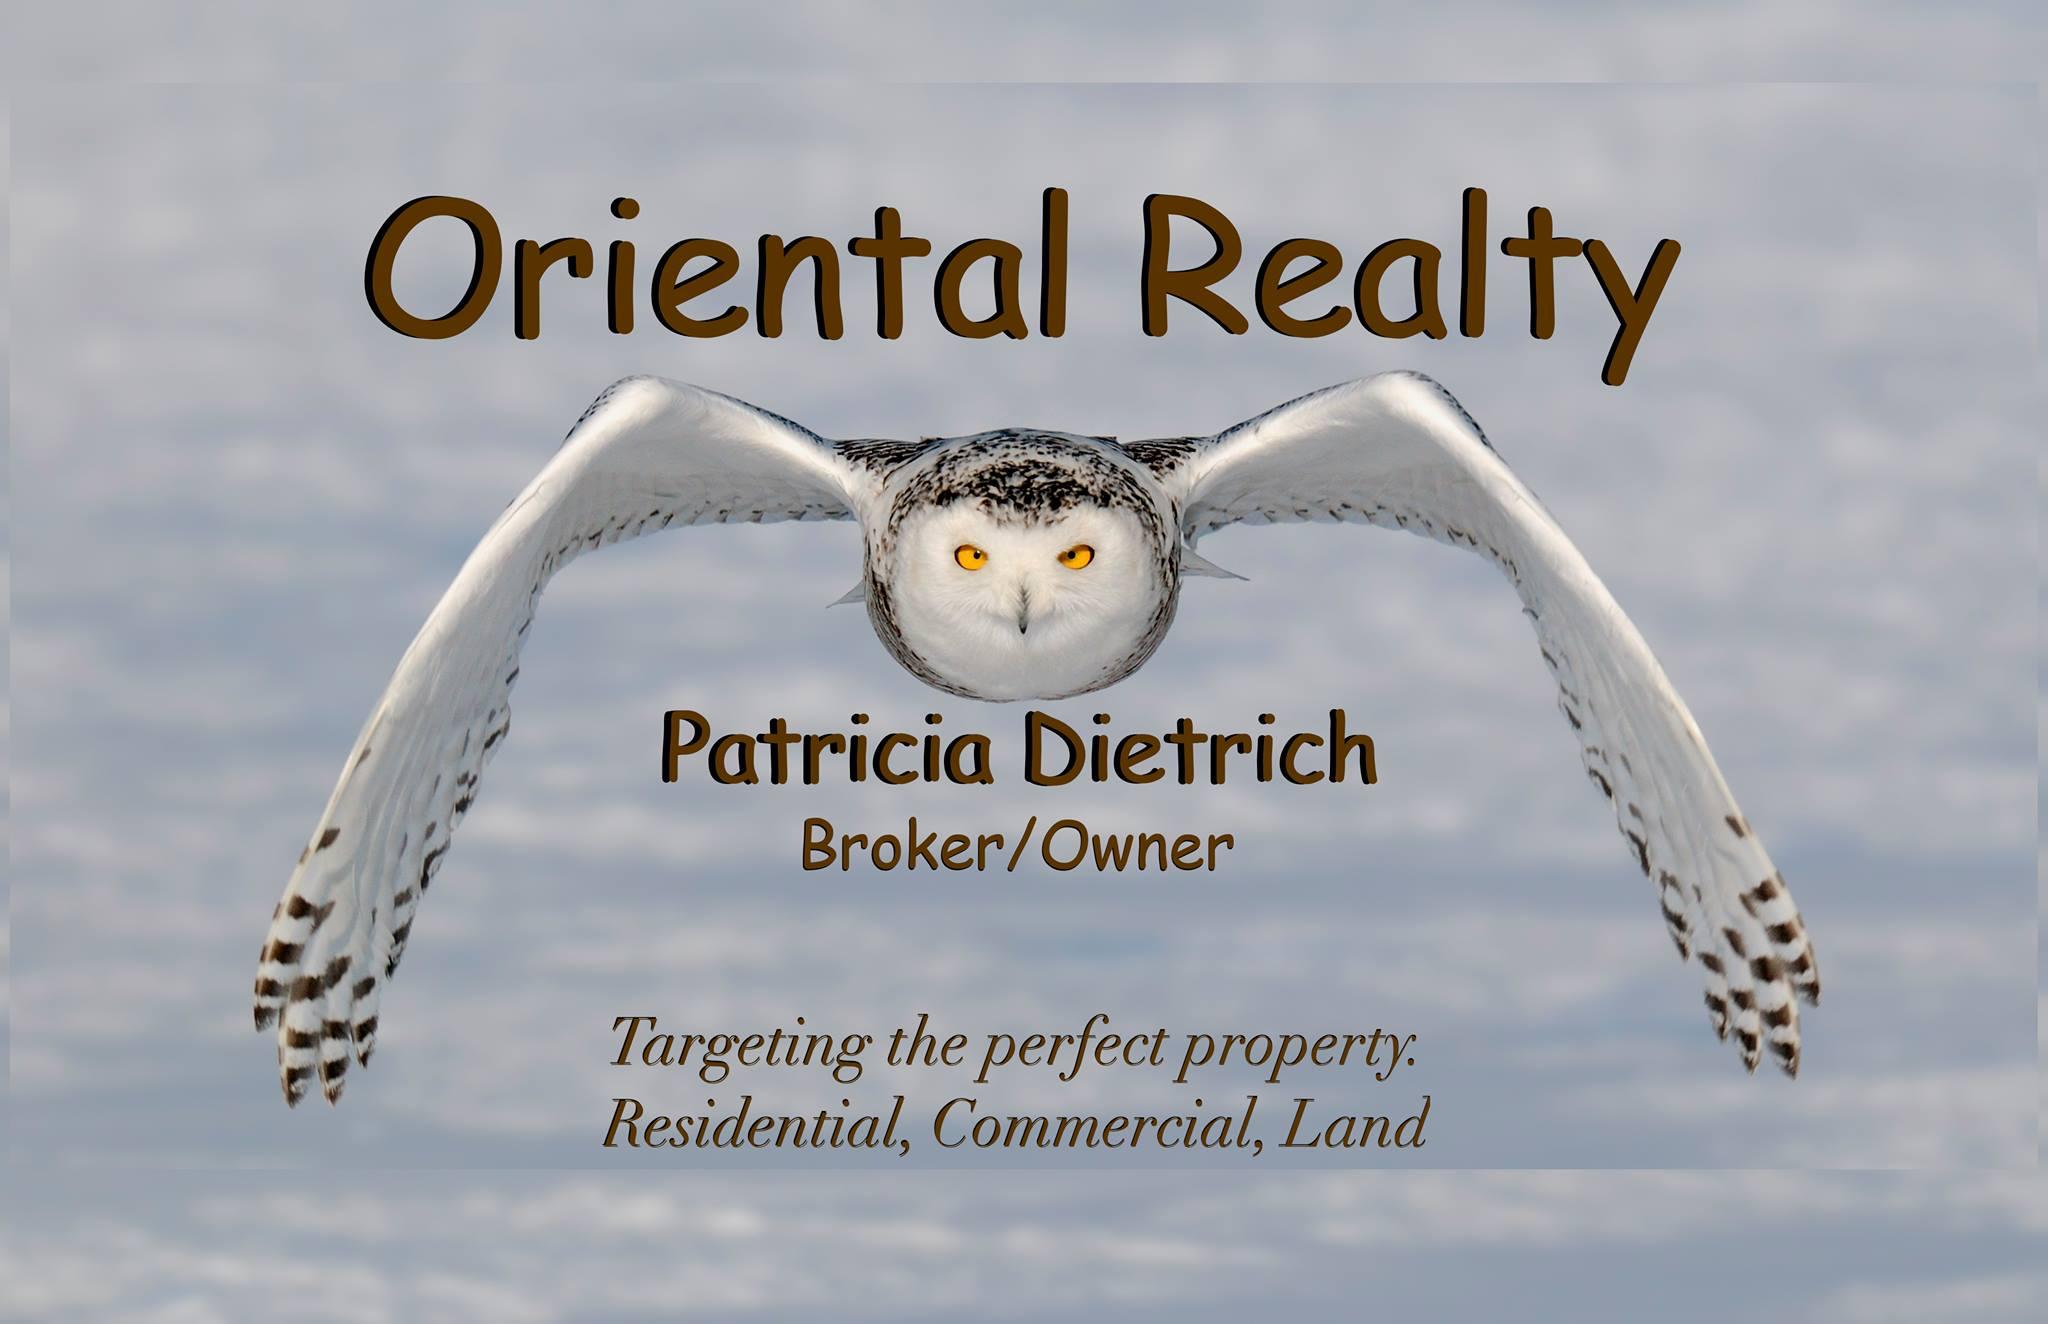 Oriental Realty